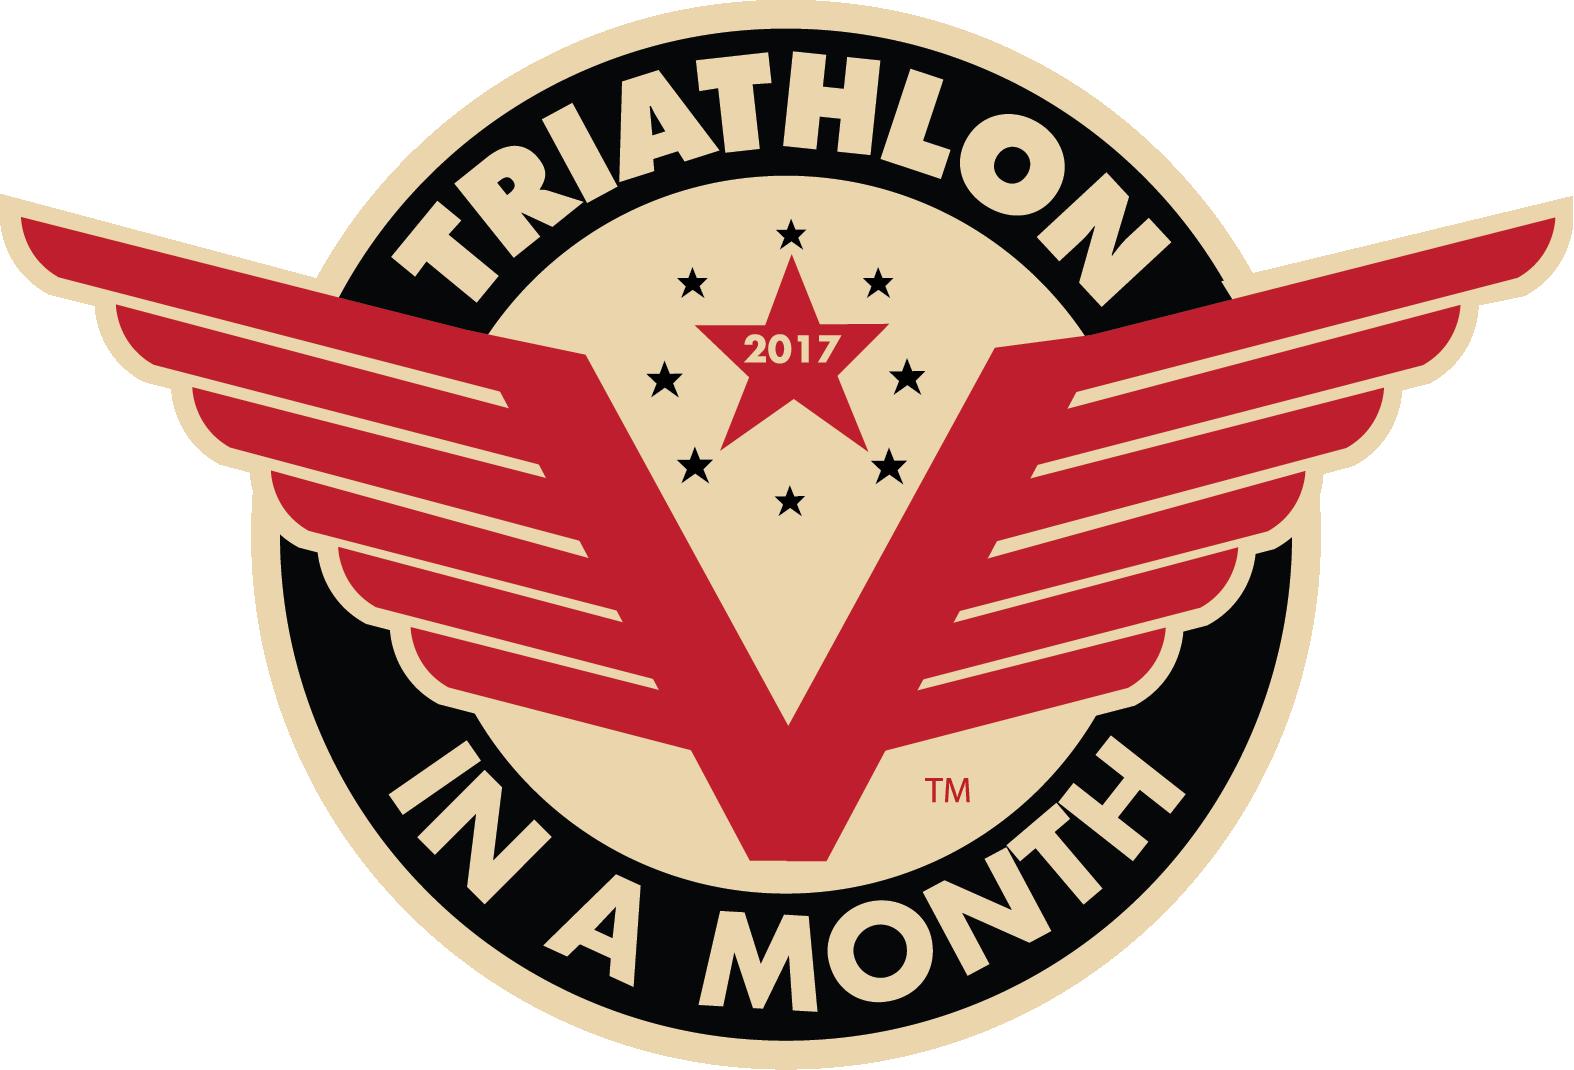 Triathlon in a Month 2017